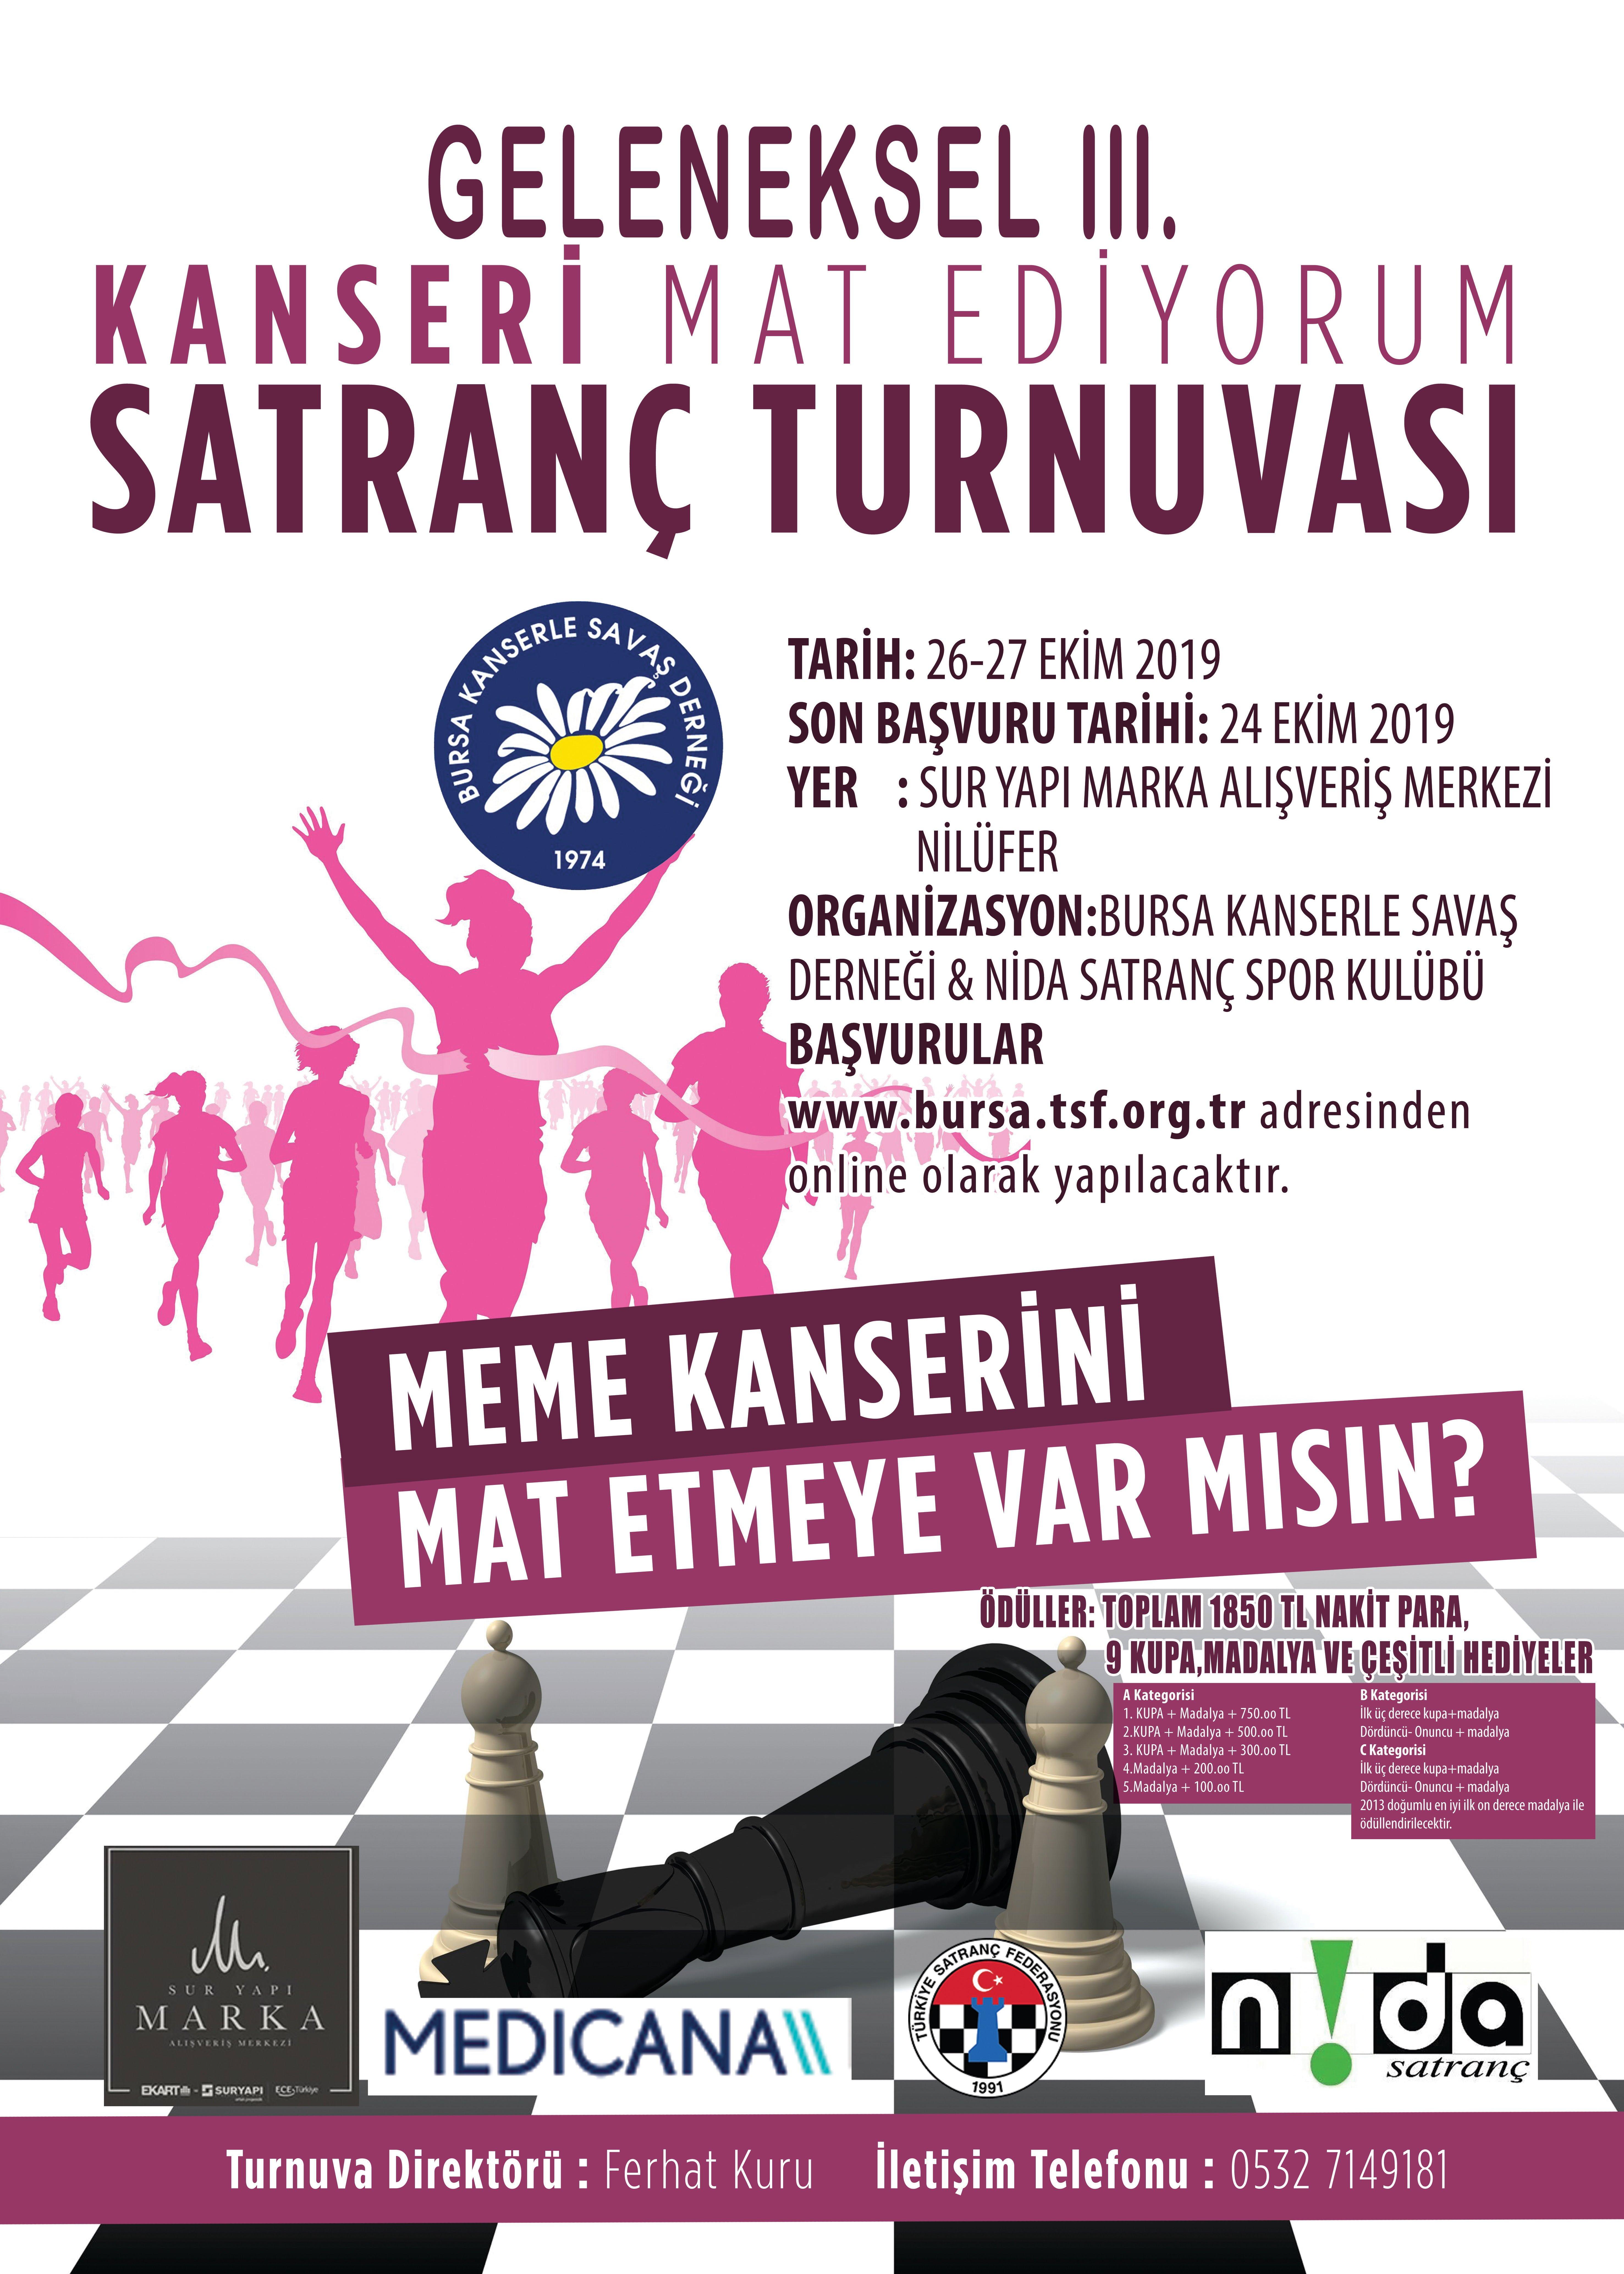 Geleneksel 3'üncü Kanseri Mat Ediyorum Satranç Turnuvası başlıyor